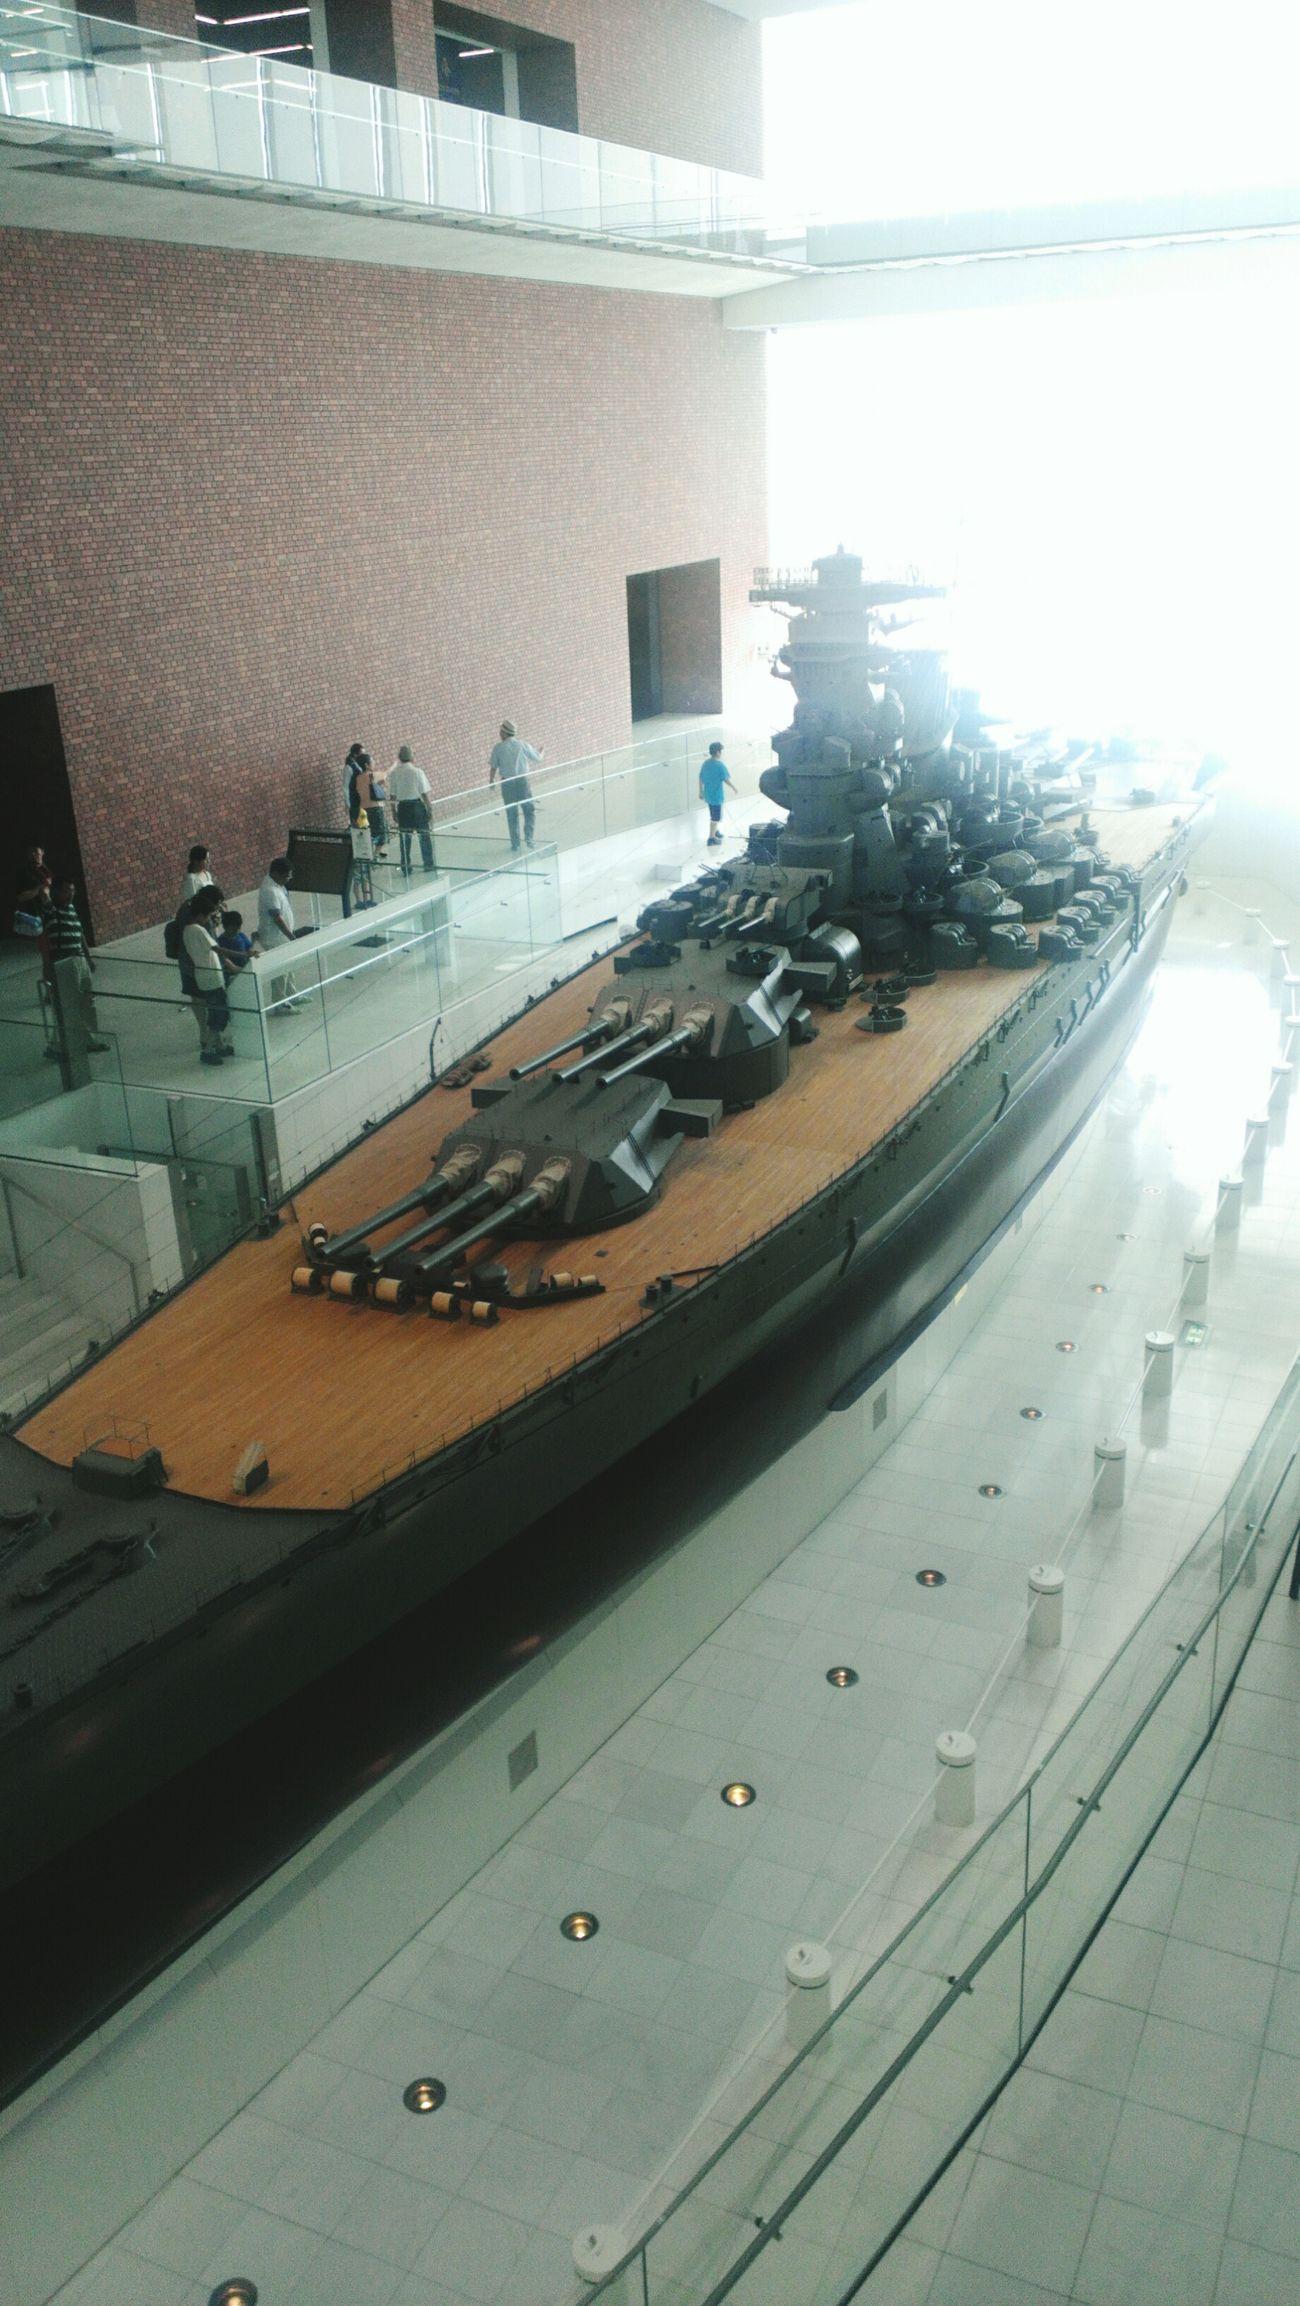 大和 Yamato Battleship YAMATO 大和ミュージアム 広島 呉 YAMATO Musiam